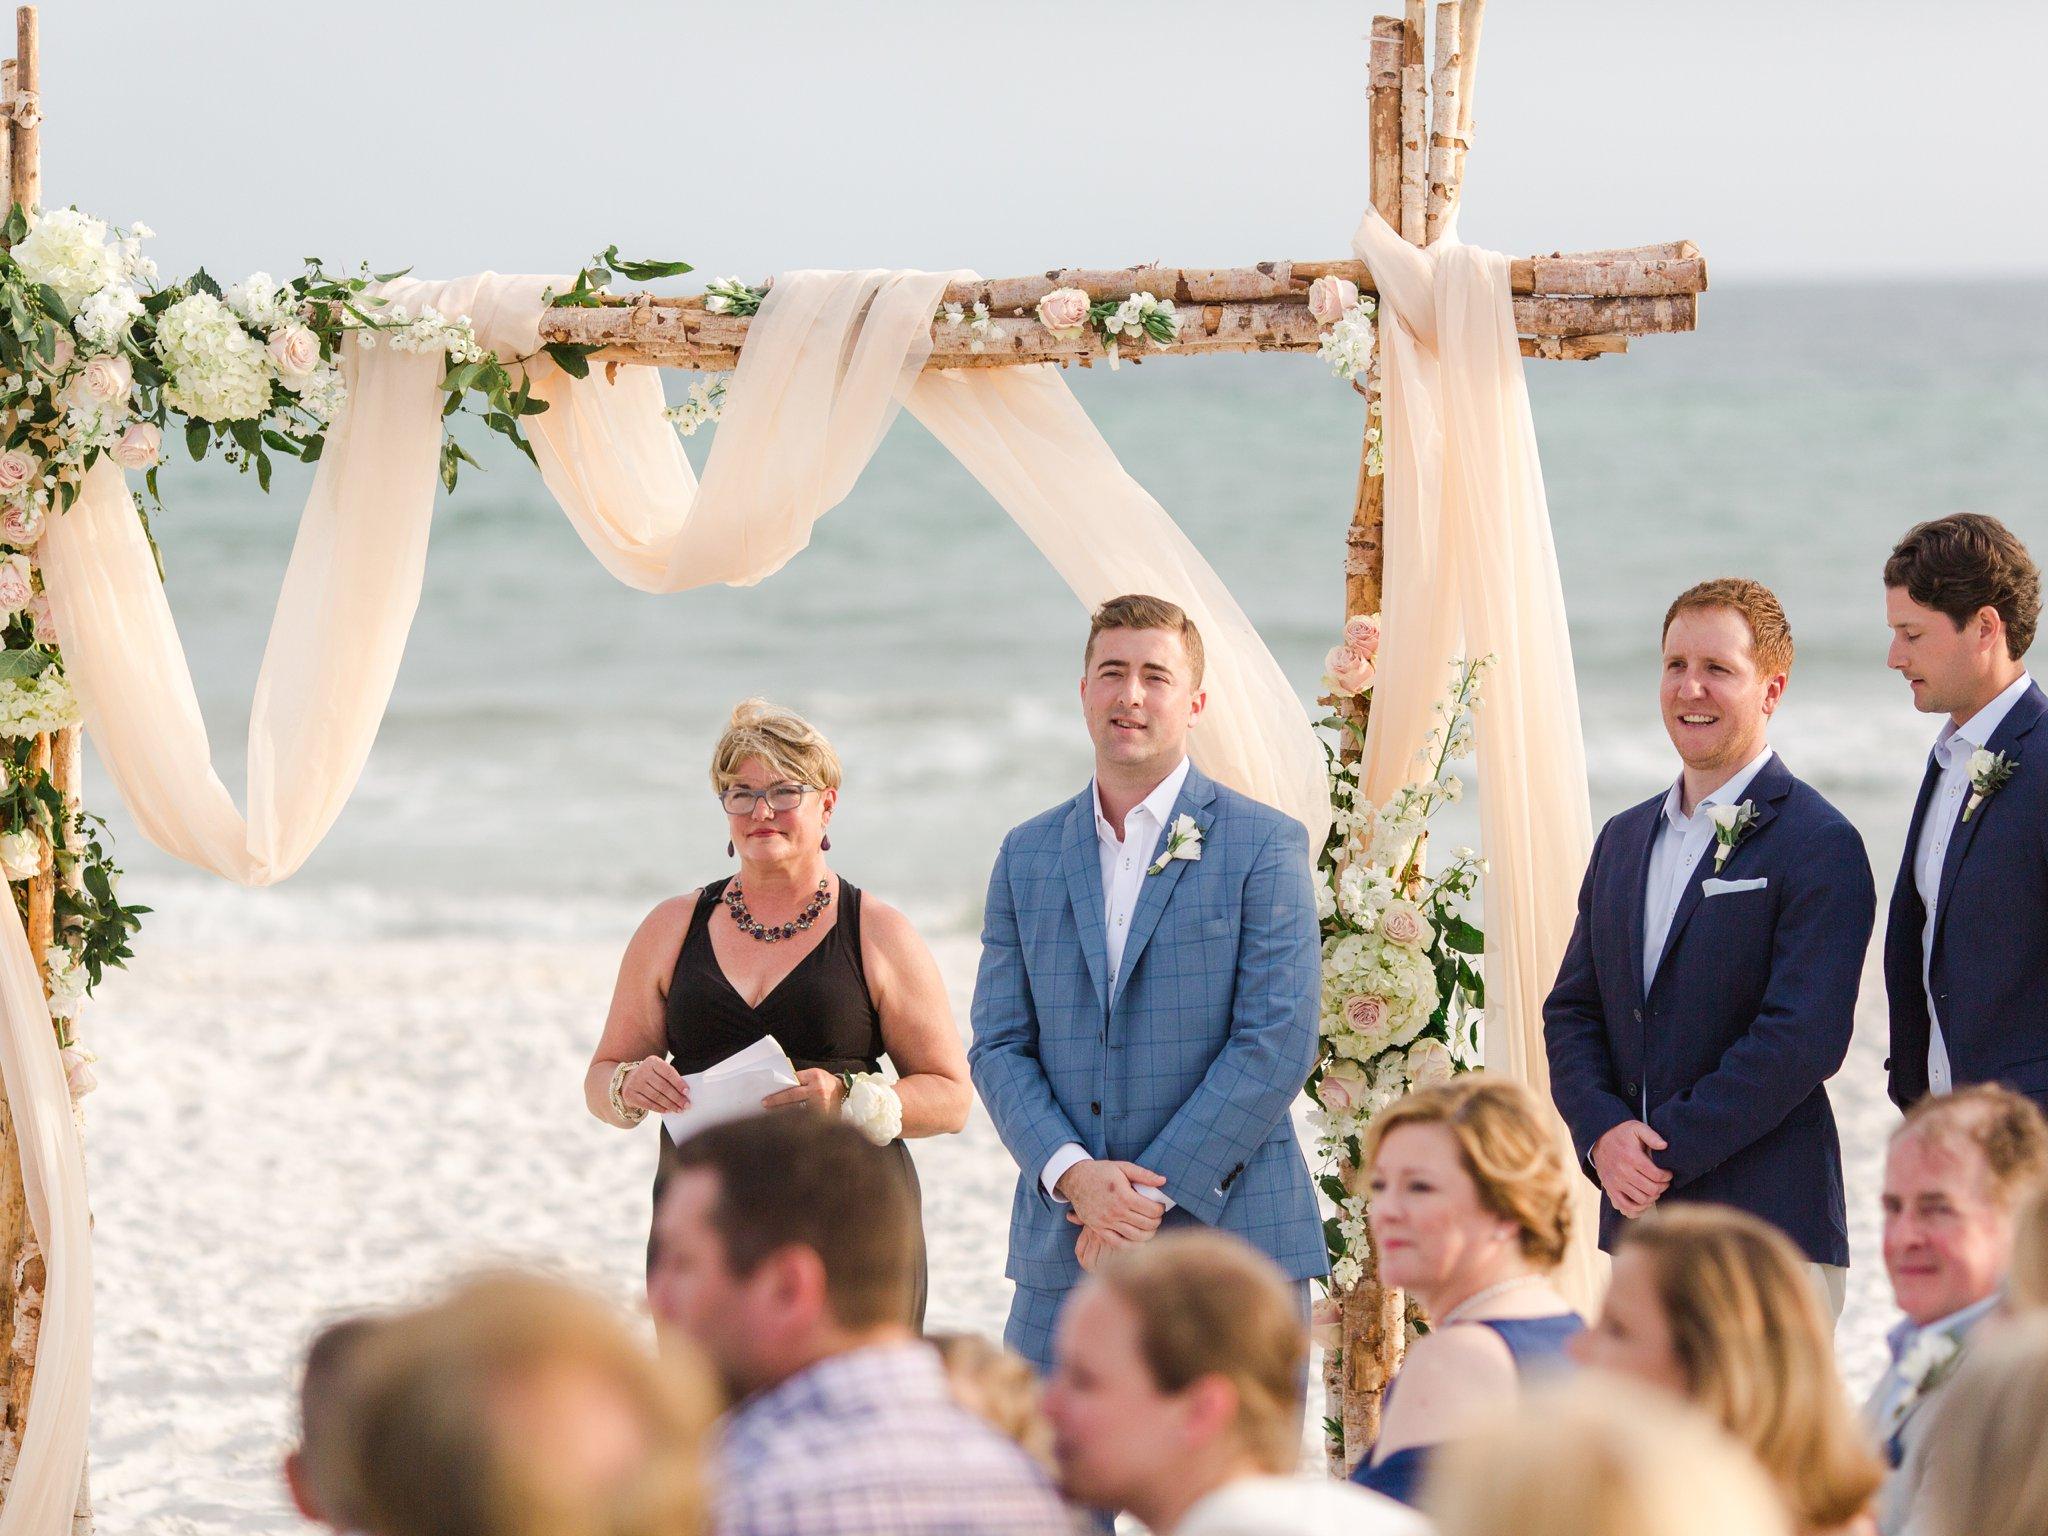 carillon beach wedding photographer shannon griffin photographer_0003.jpg